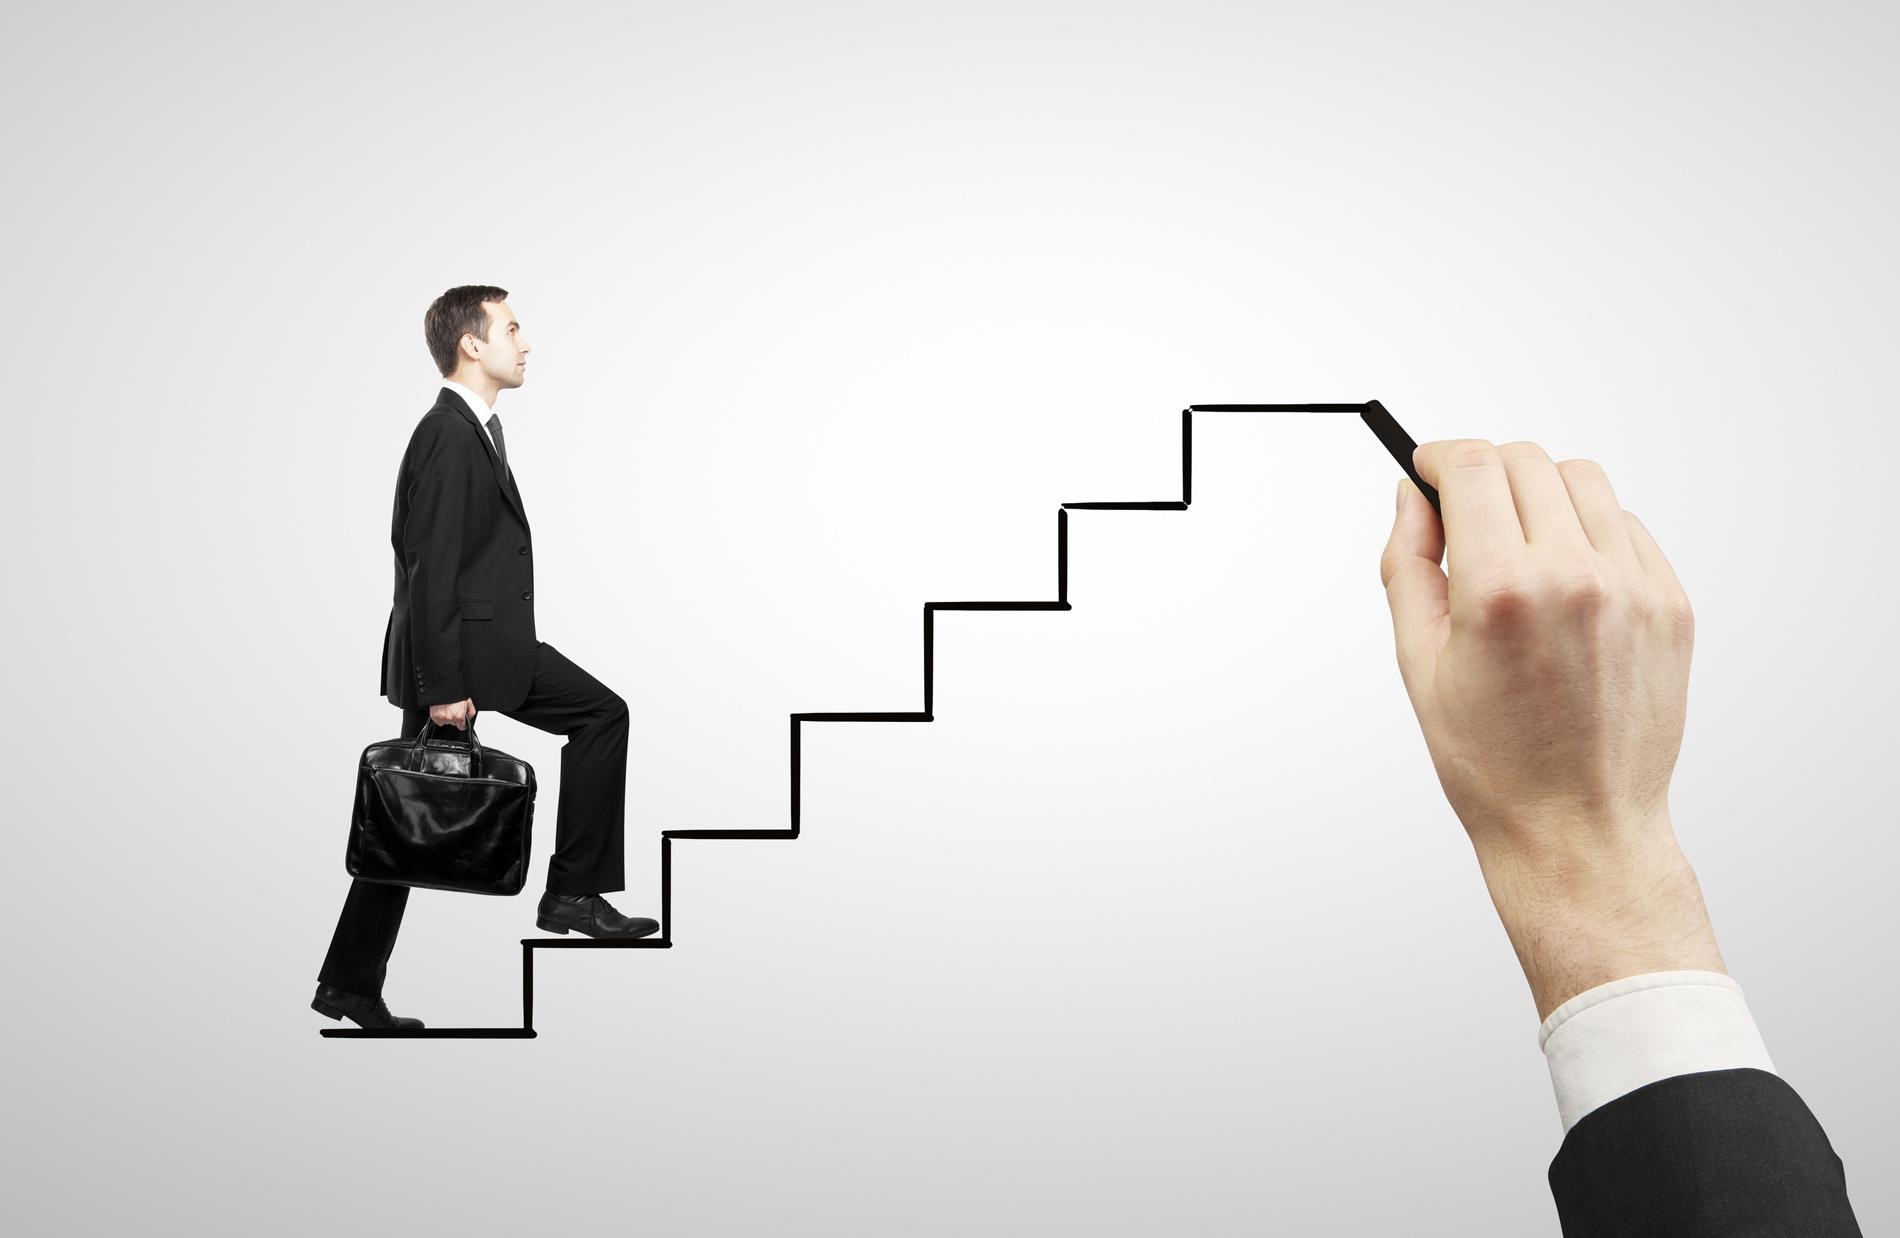 Экспертное мнение: Как выбрать идеальное время для начала бизнеса?